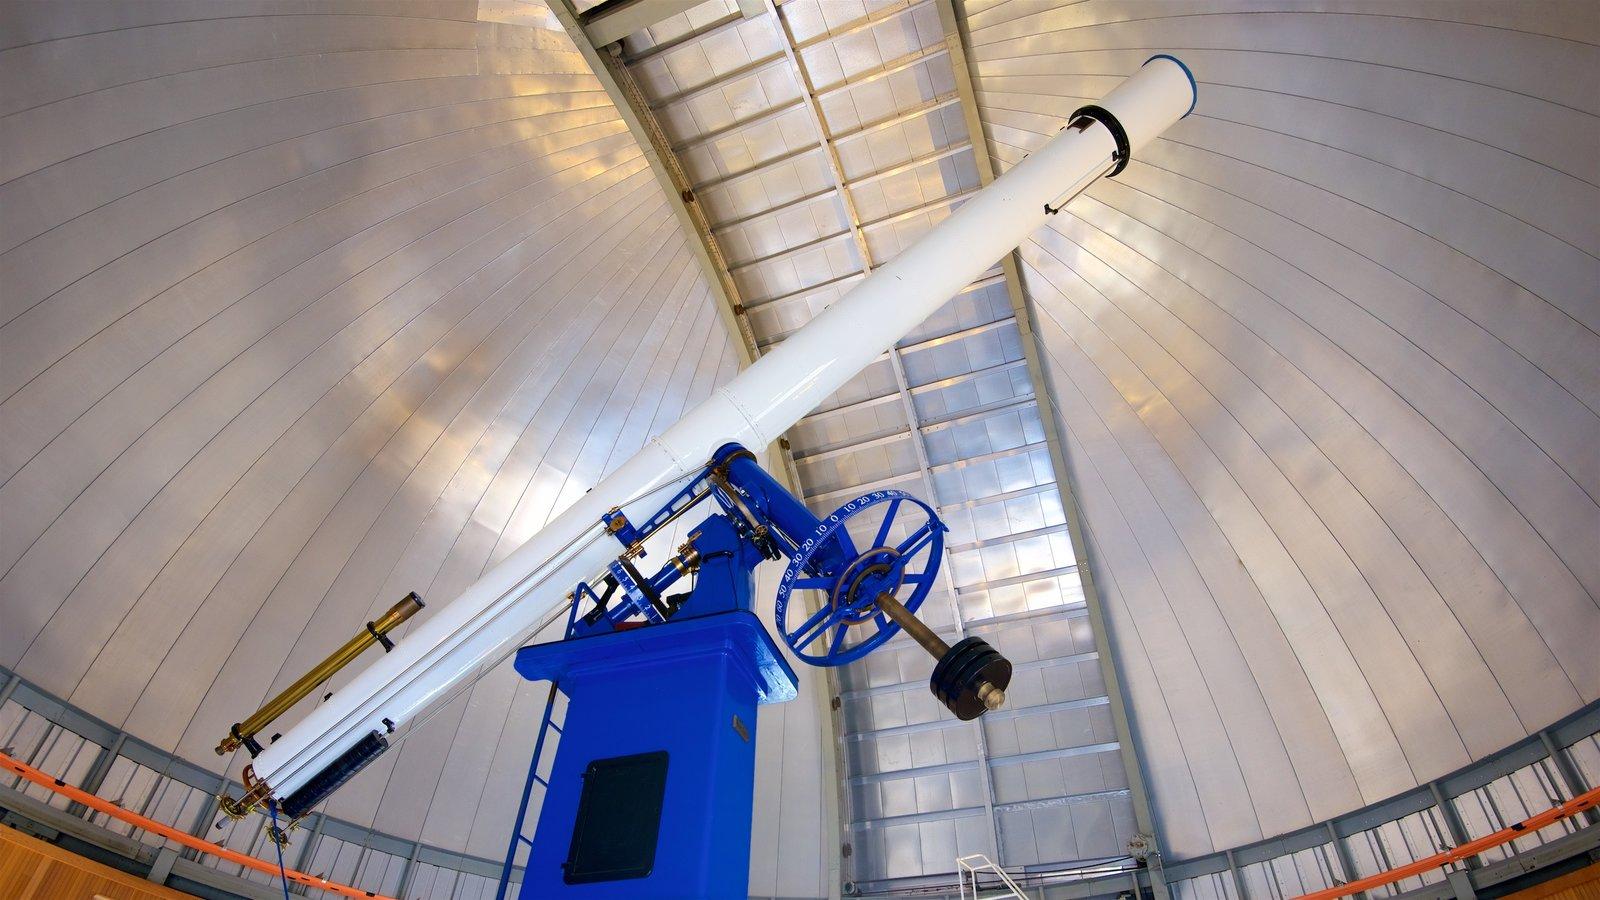 Chabot Space and Science Center mostrando vistas internas e um observatório